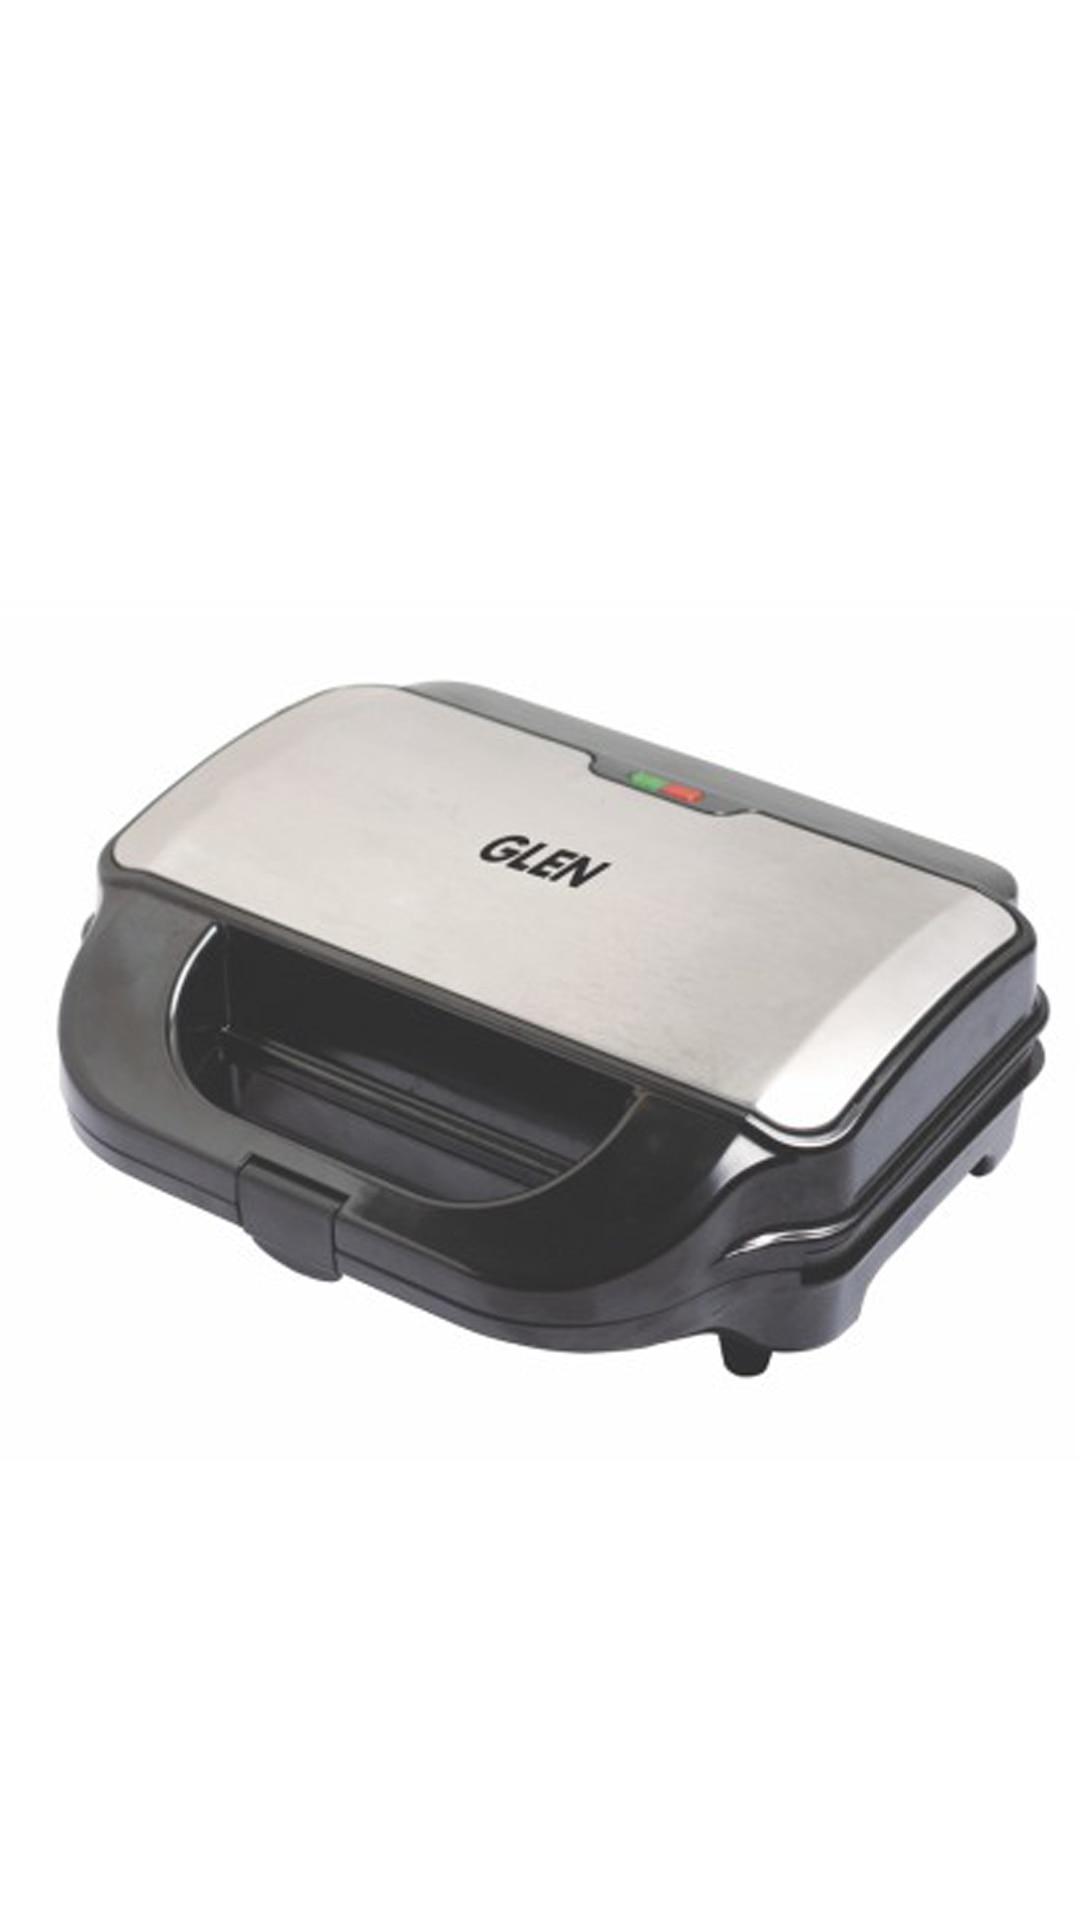 Glen Snack Grill 3030 900 watt 3 Changeable Plates Black